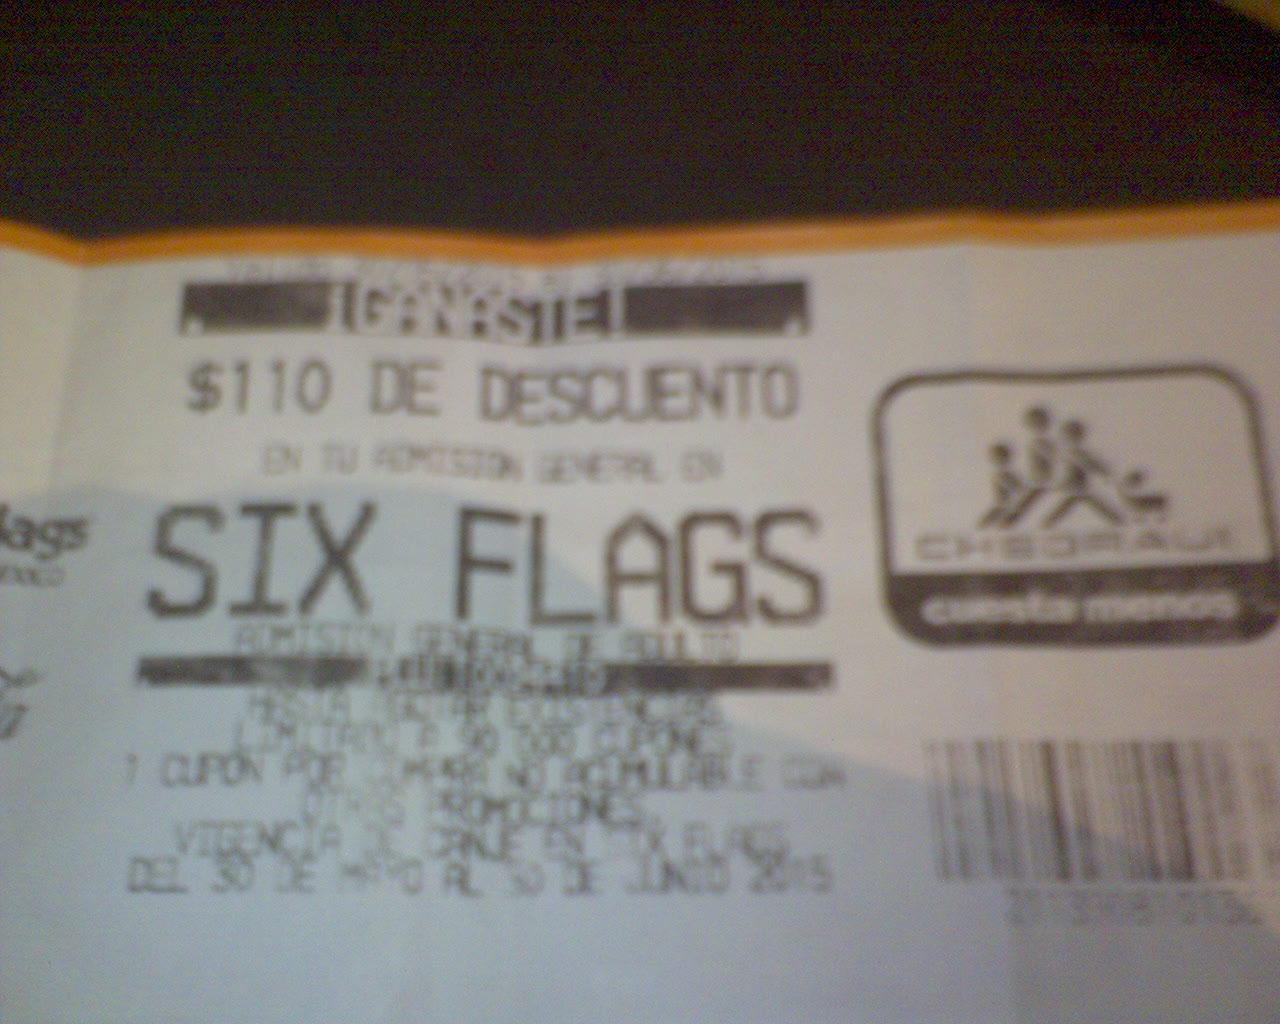 Chedraui: $110 de descuento para Six Flags en la compra de 2 Coca-Colas de 2.5/3L